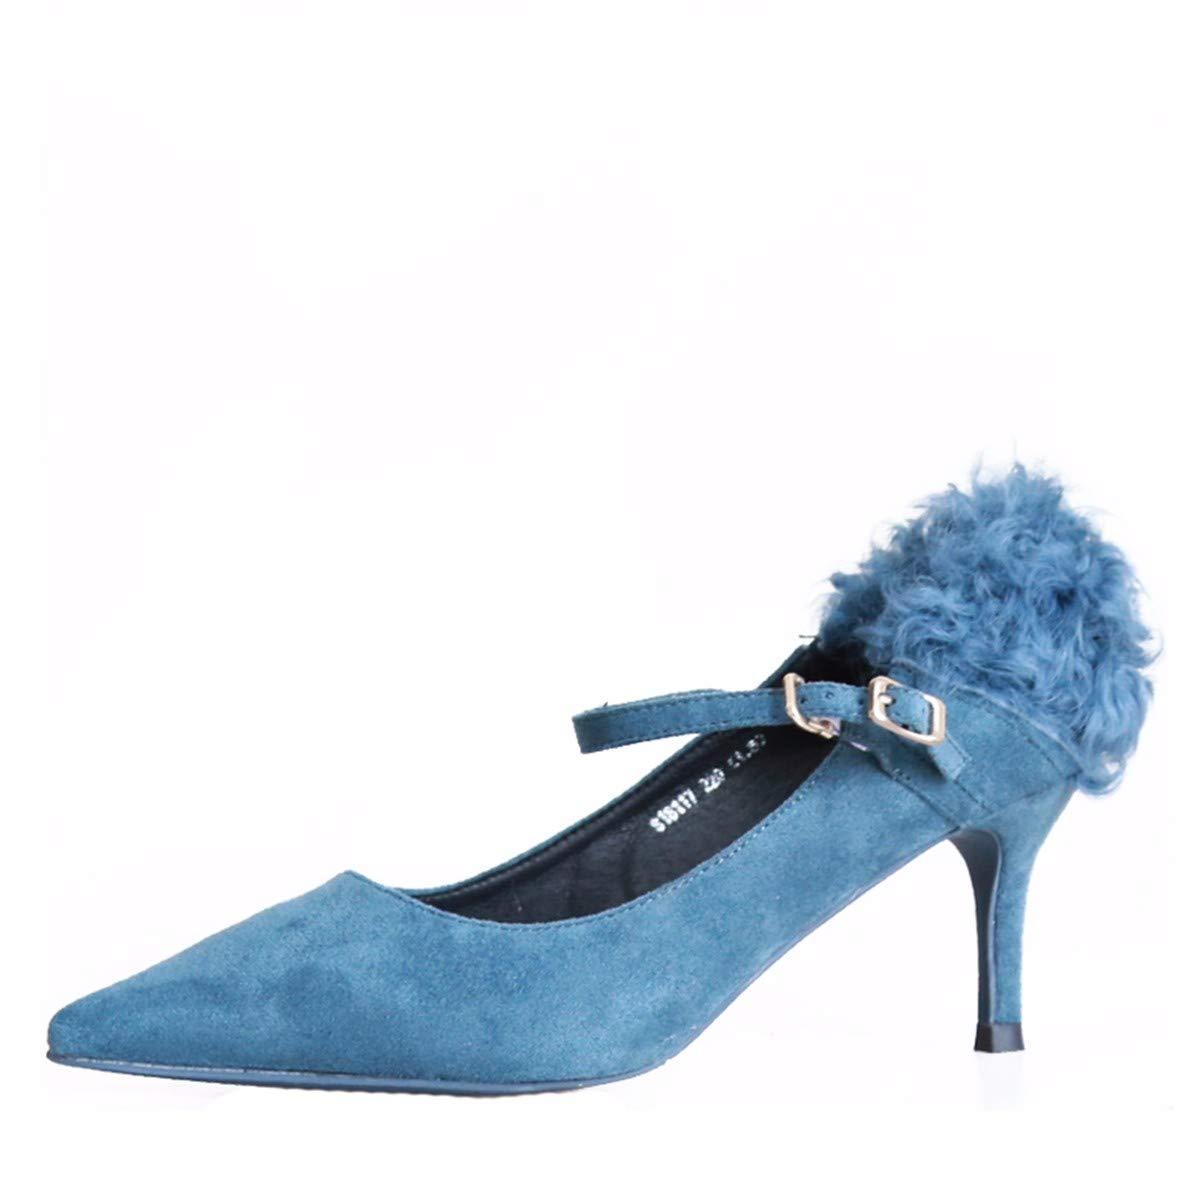 KPHY Damenschuhe/Herbst Pfennigabsätze High Heels 5Cm Mode Damenschuhe Sagte Flach Schuhe.39 Mund Einzelne Schuhe.39 Flach Blaue Farbe  - a8f41c